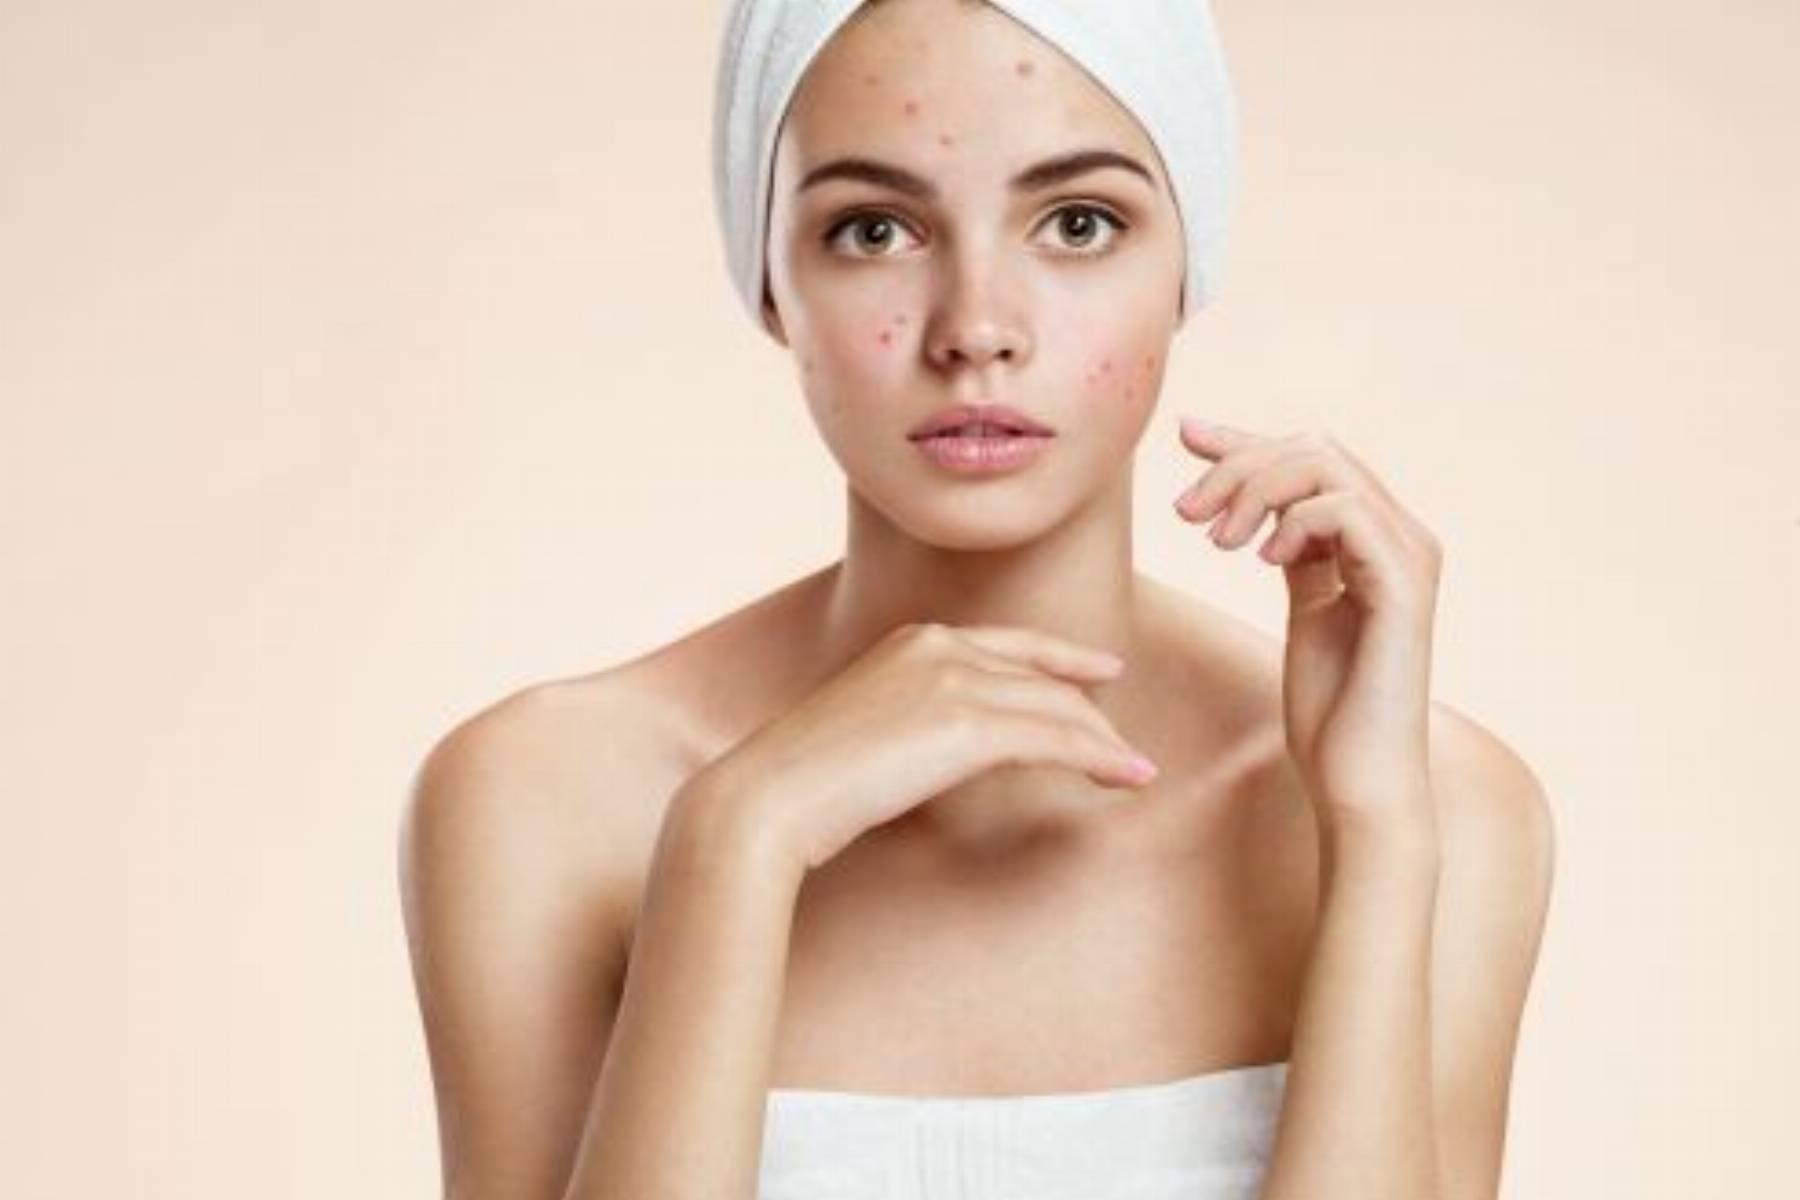 Pielęgnacja skóry trądzikowej – czego nie robić?